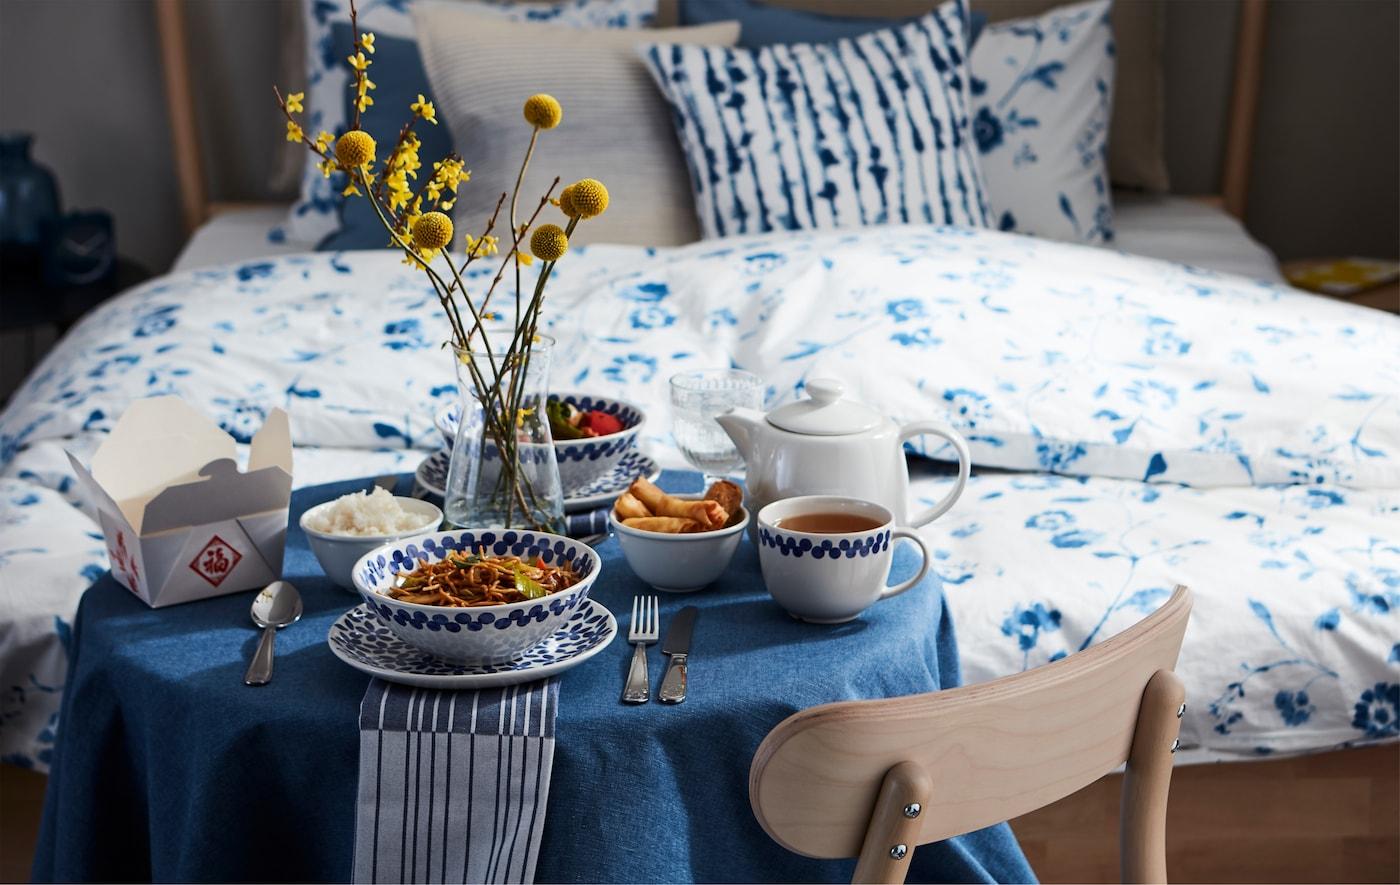 Večera za jednu osobu na stolu uz dostavljenu hranu u kojoj možeš uživati pokraj kreveta i tako postići osjećaj posluge u sobi.